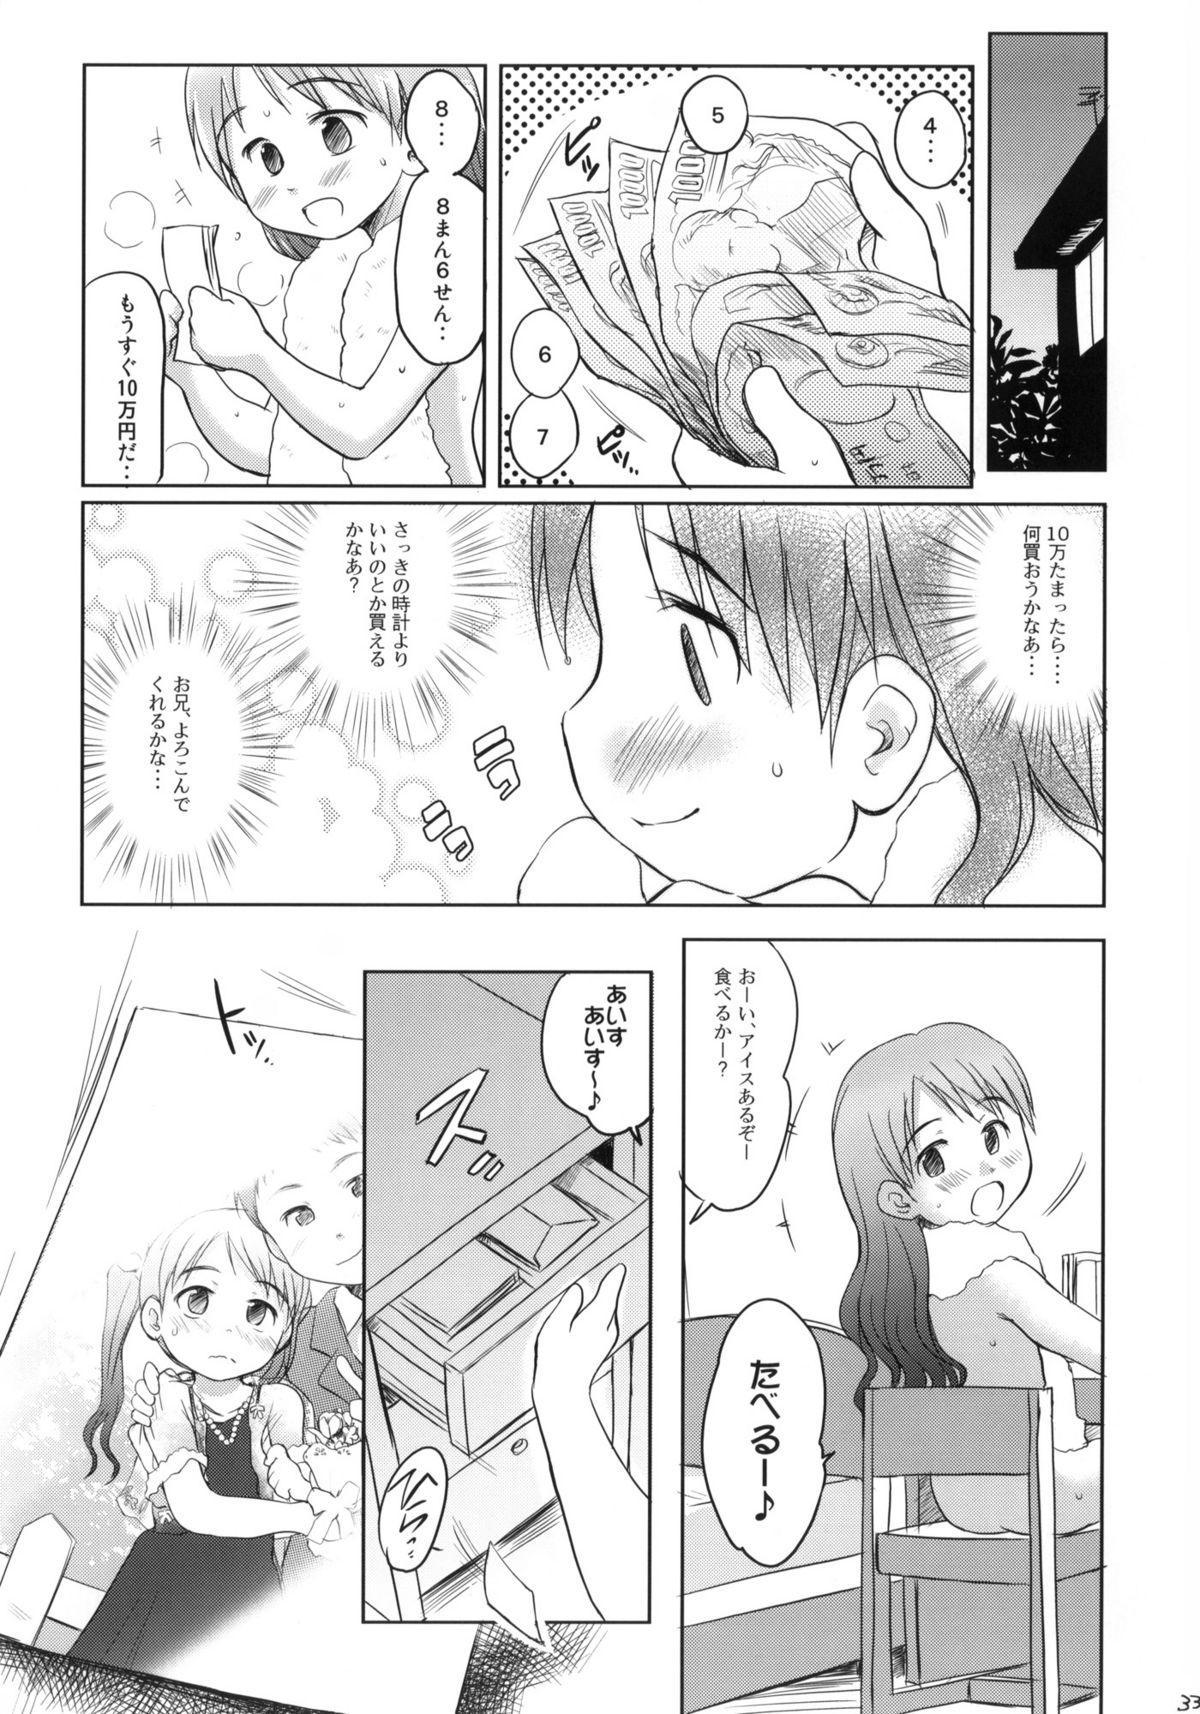 Imouto wa Minna Onii-chan ga Suki! 30